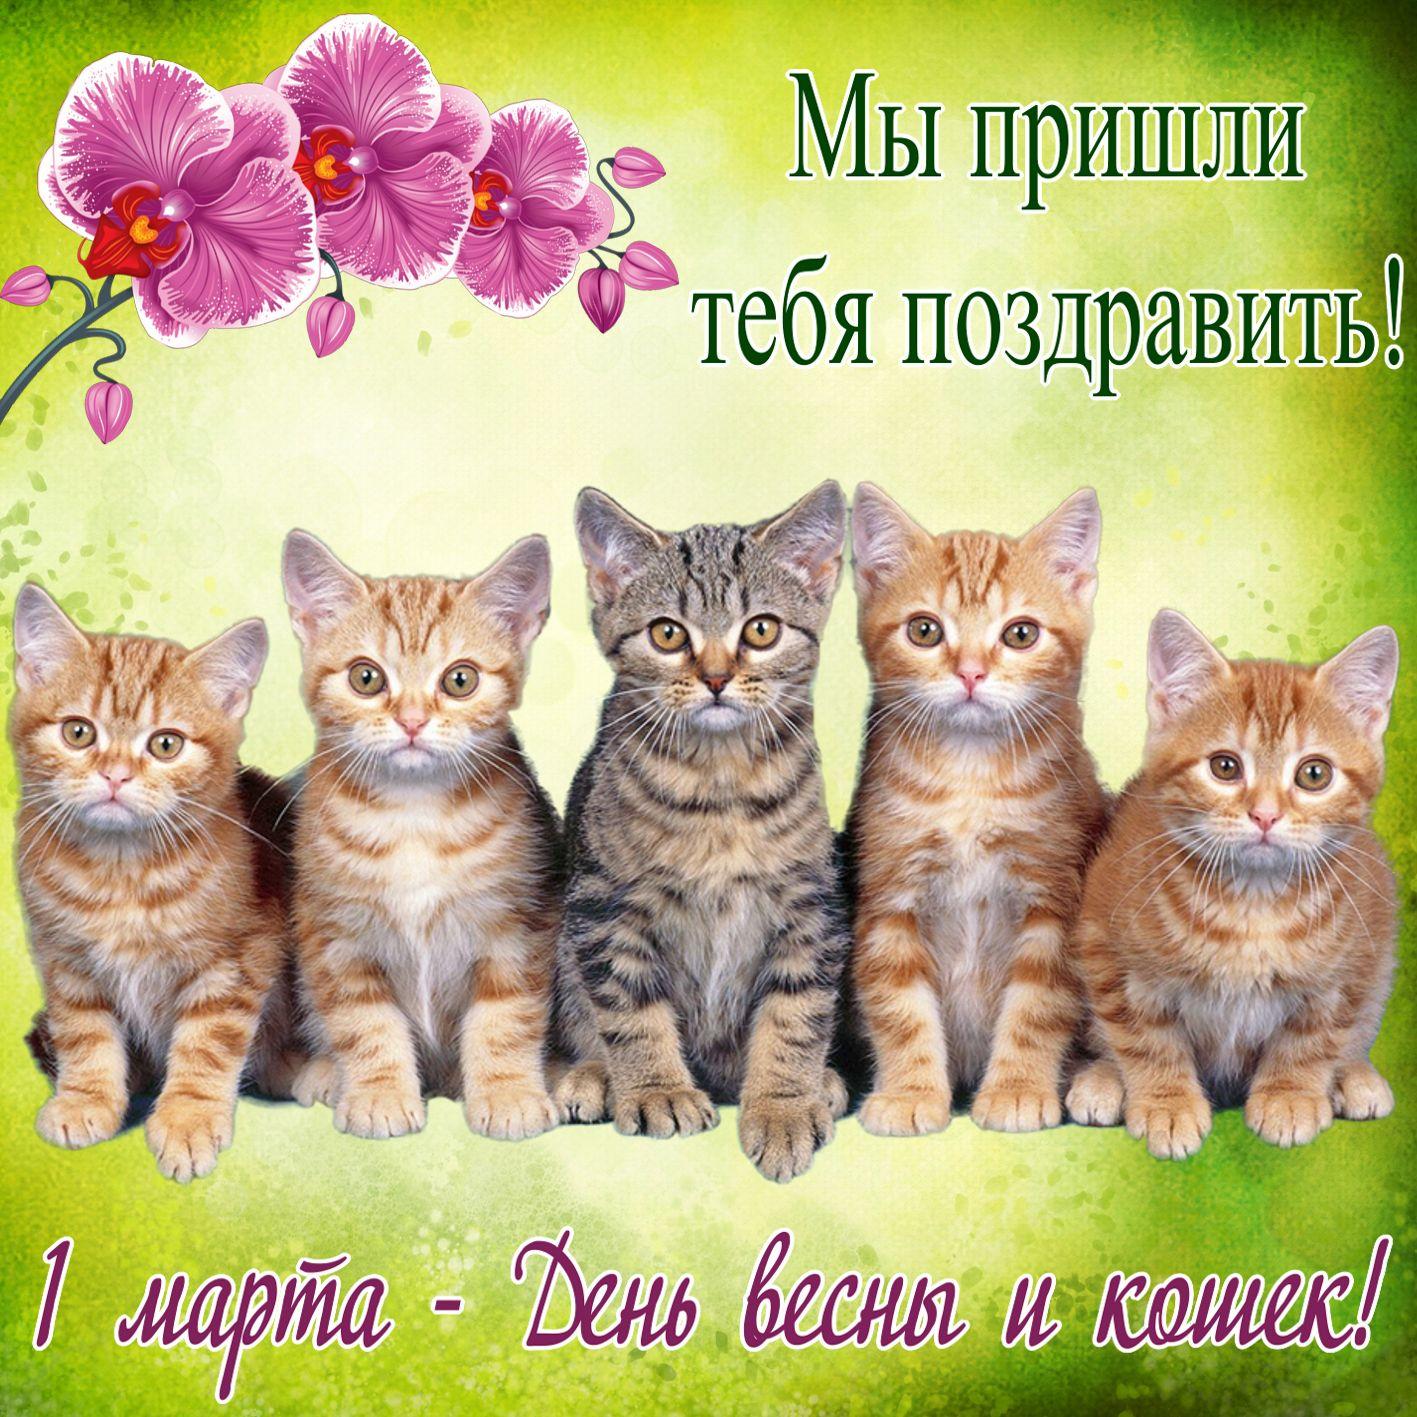 Картинки поздравления всемирный день кошек, мая